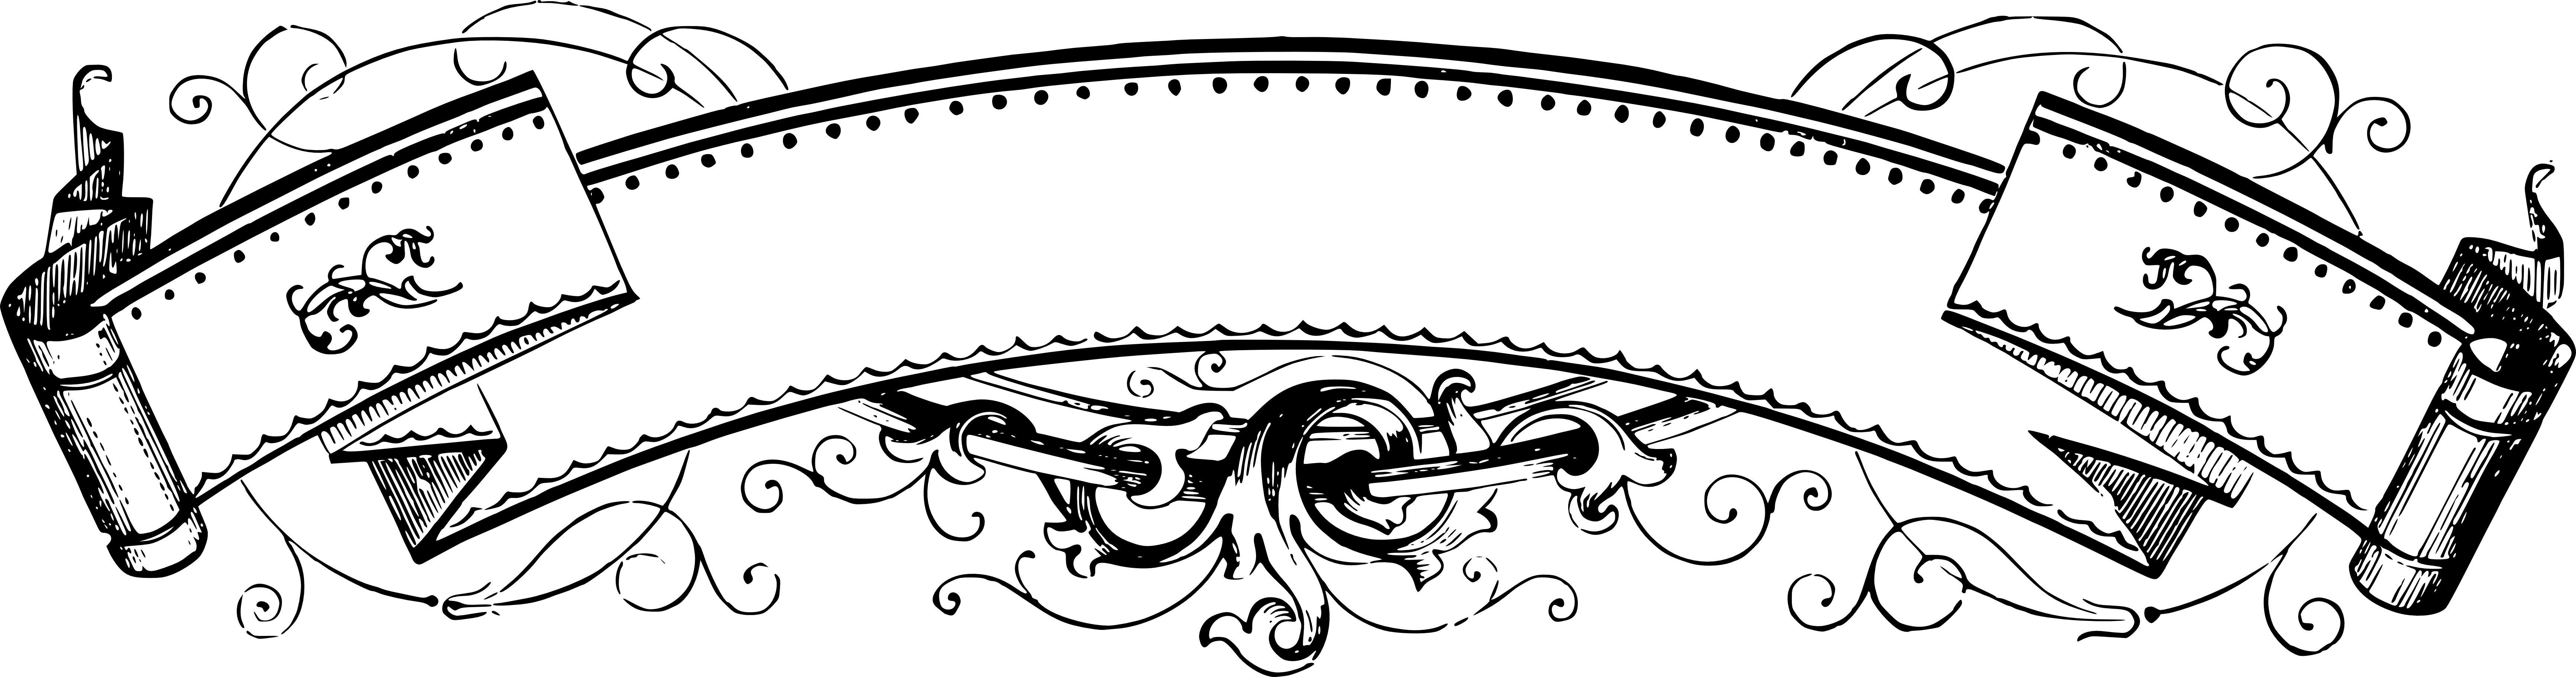 royalty free images vintage ribbon vector art clip art vector rh pinterest co uk ribbon vector freepik ribbon vector artwork